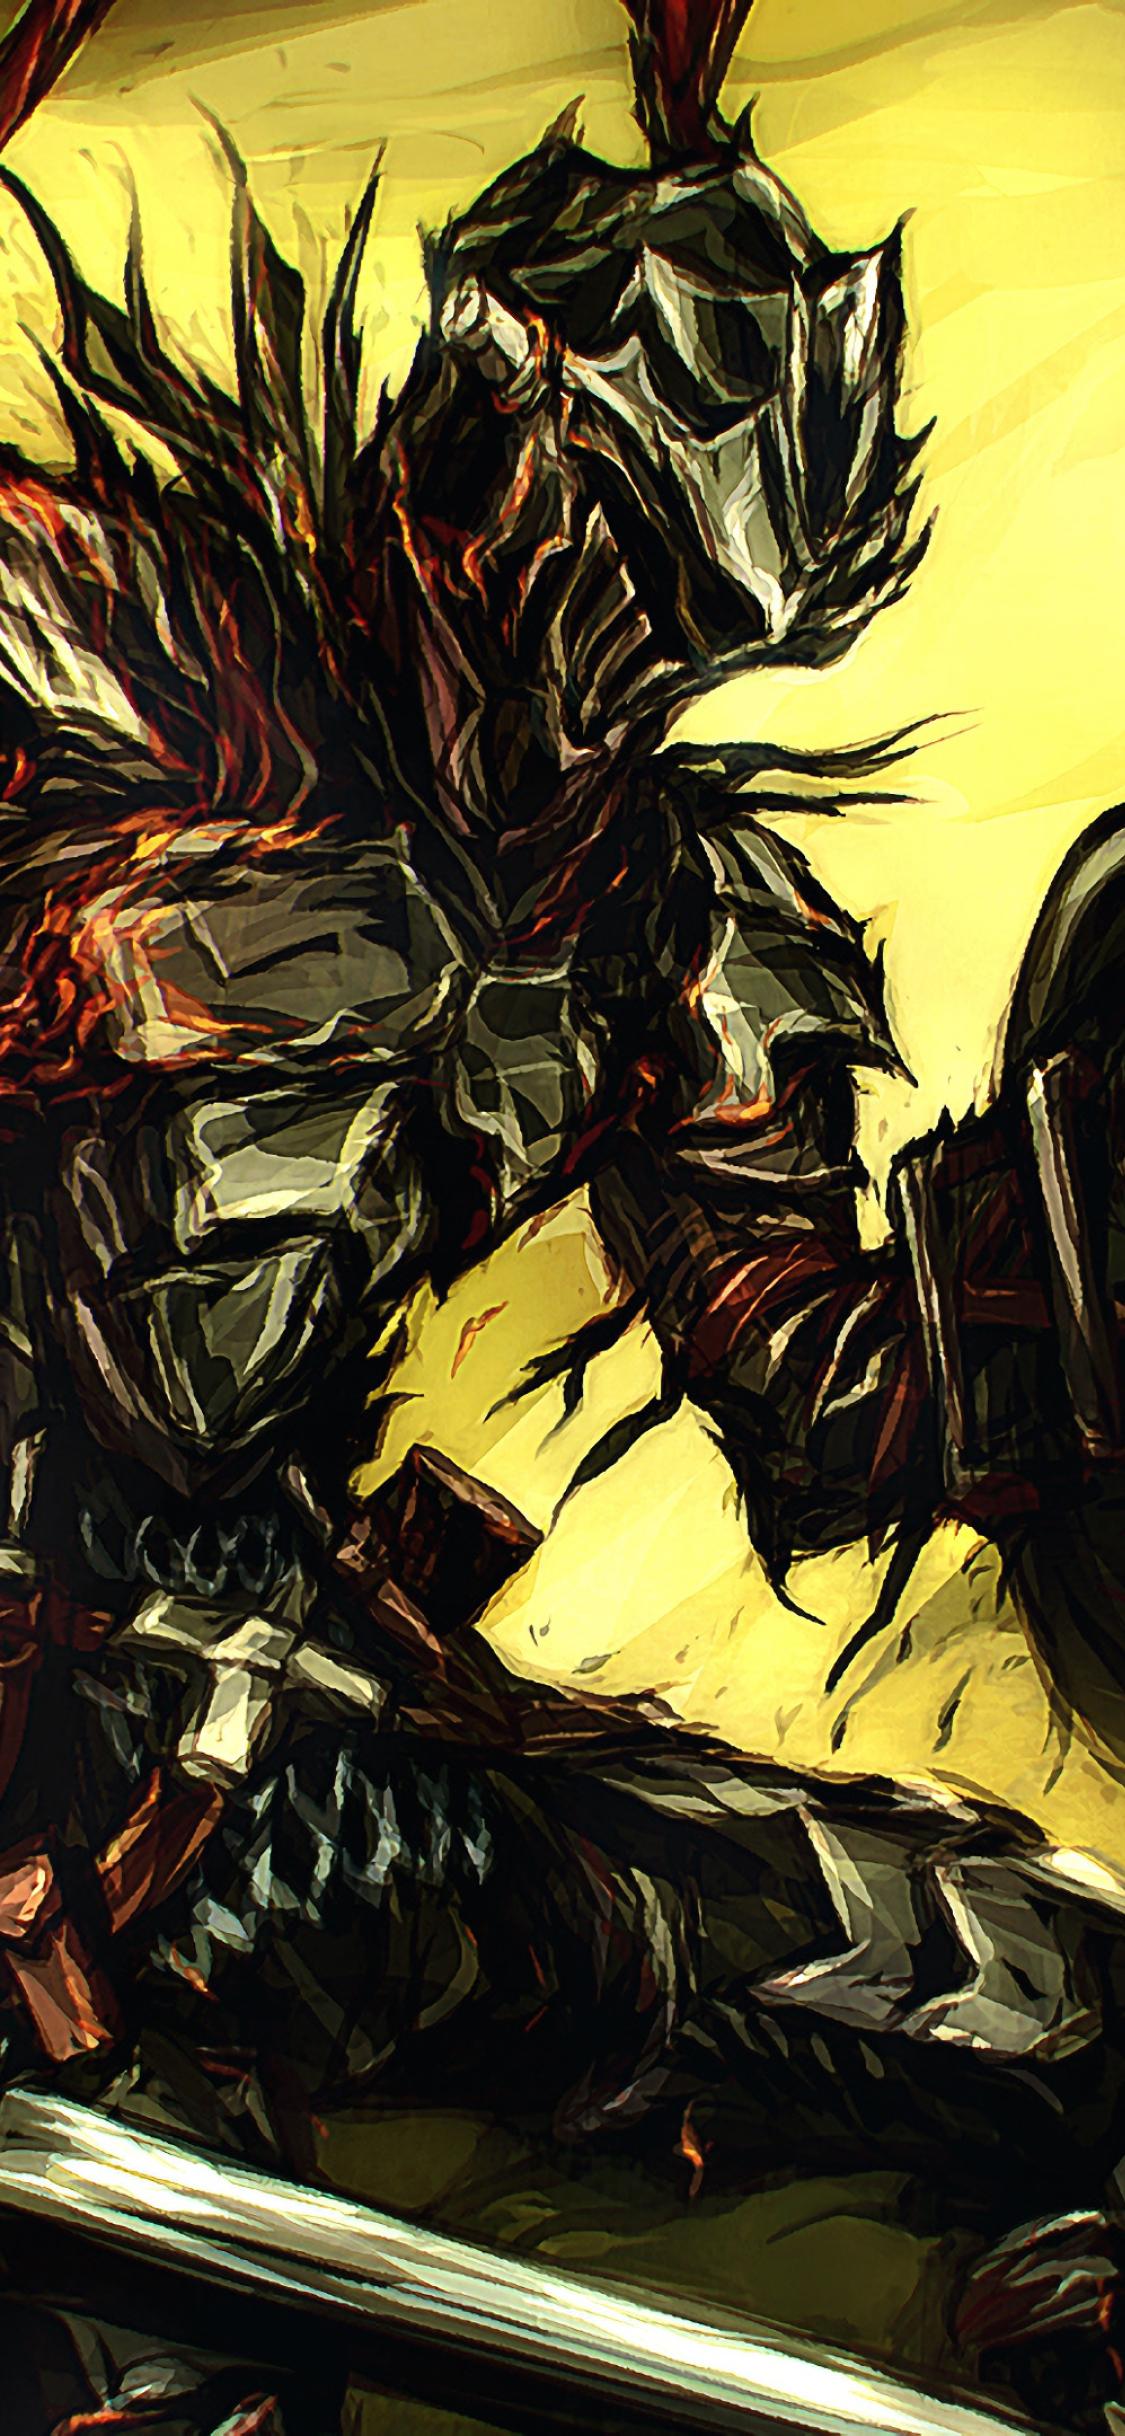 1125x2436 Goblin Slayer 4K Iphone XS,Iphone 10,Iphone X ...